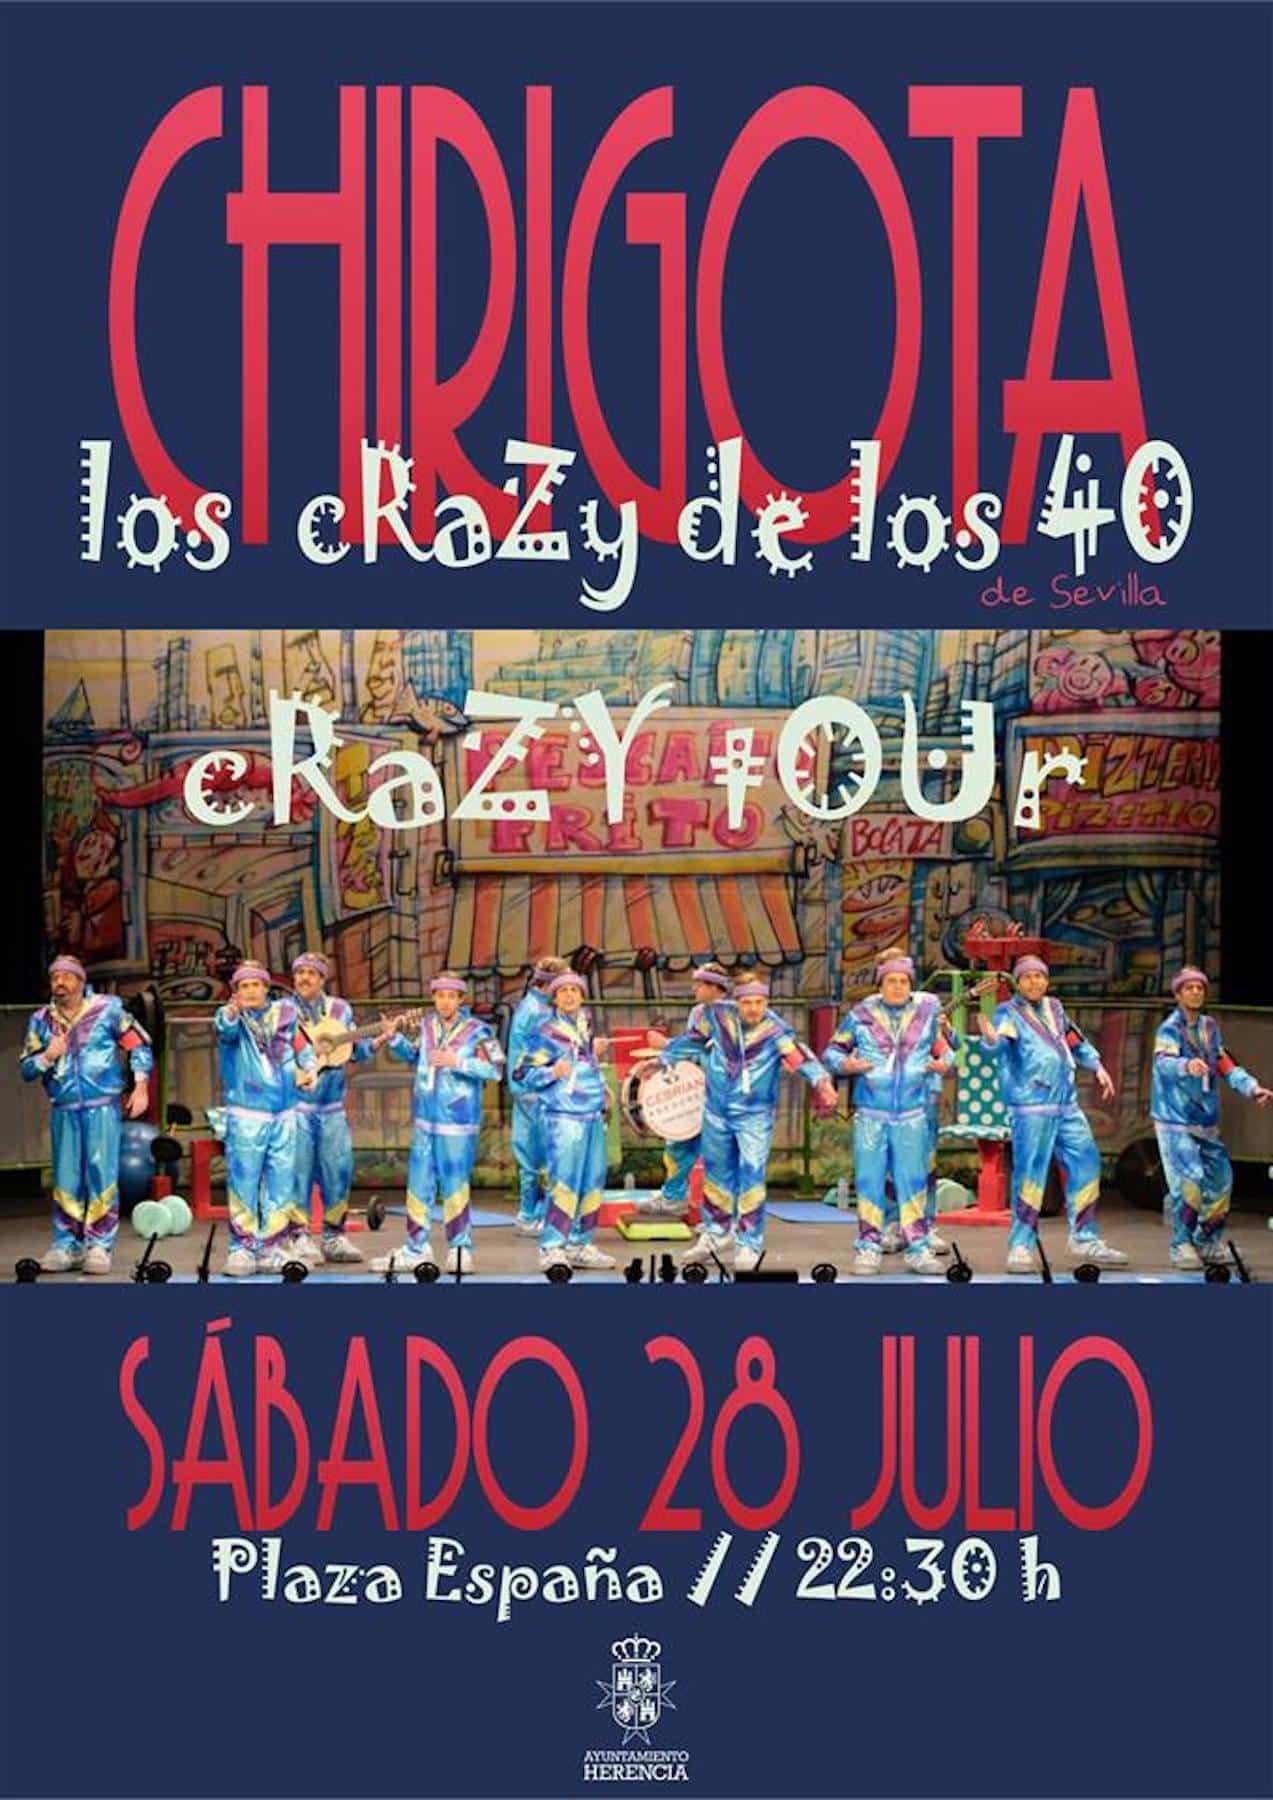 """chirigota los crazy de los 40 - Actuación de la Chirigota """"Los Crazy de los 40"""" en la Plaza de España el 28 de julio"""